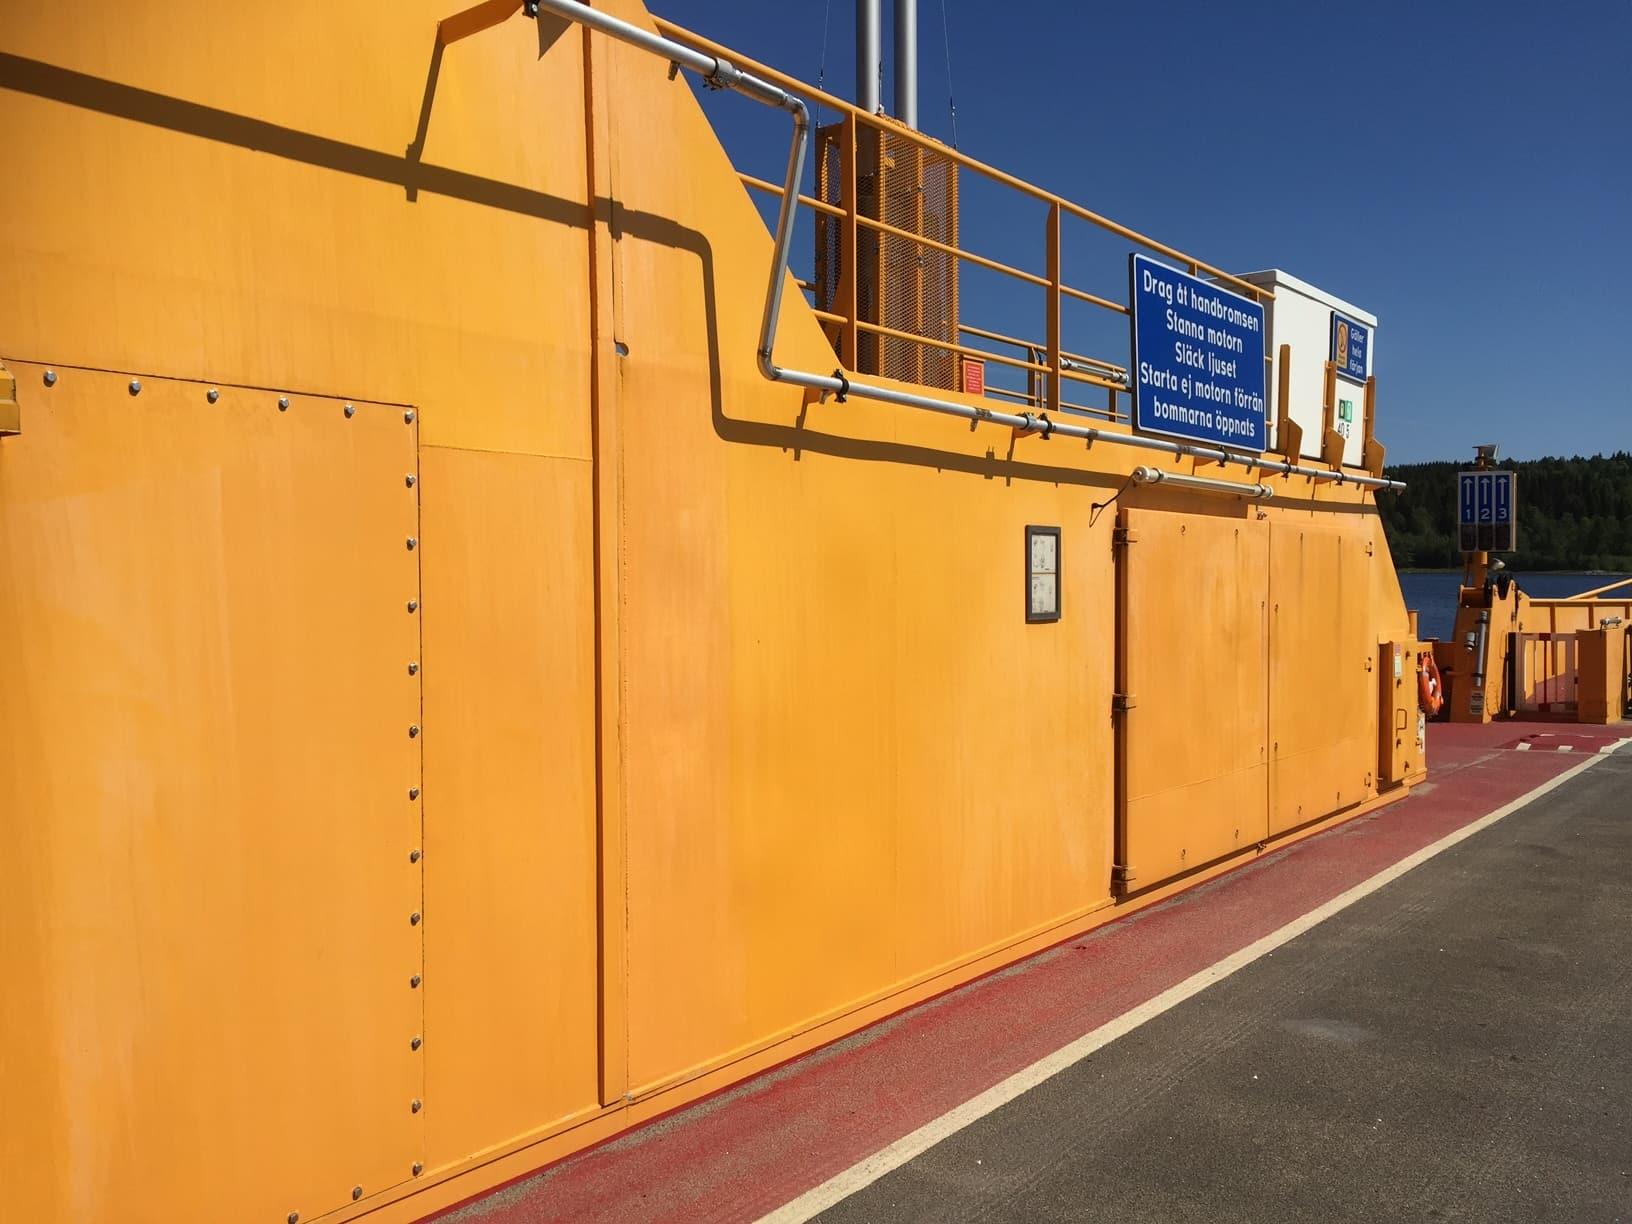 Allblästring Embla trafikverket färjor blästring målning 02